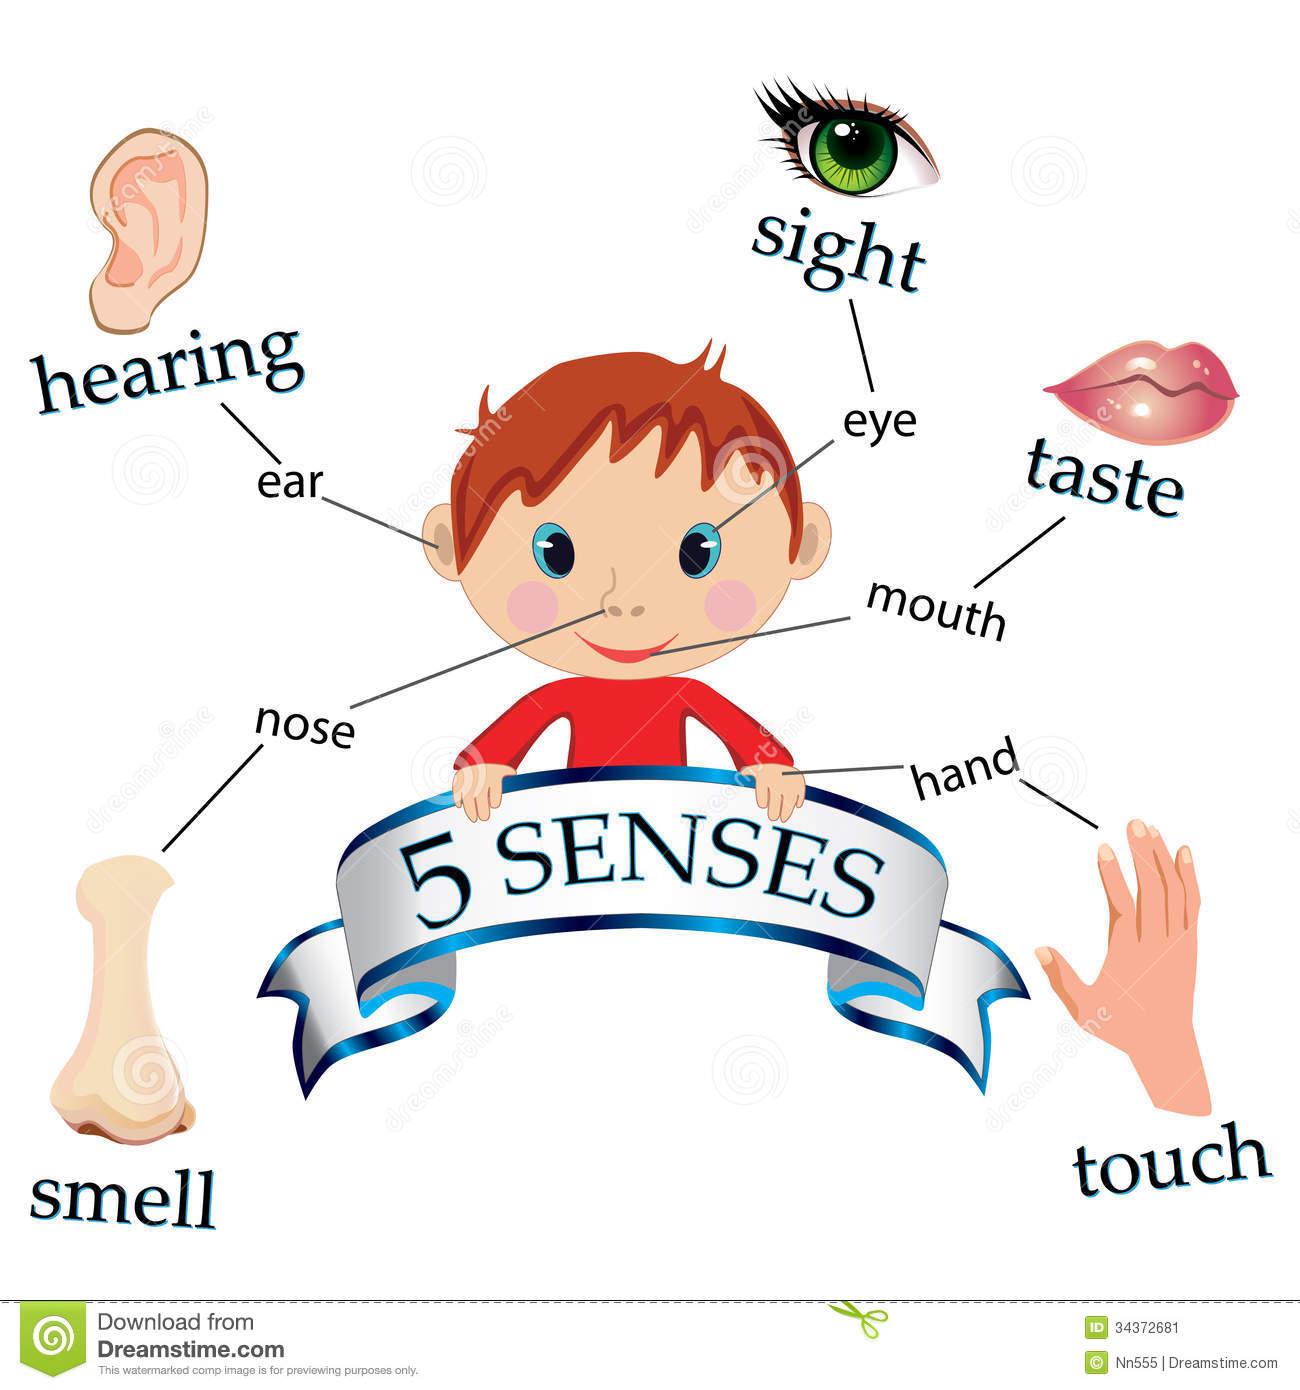 Organs clipart sence Senses 5 senses 1000+